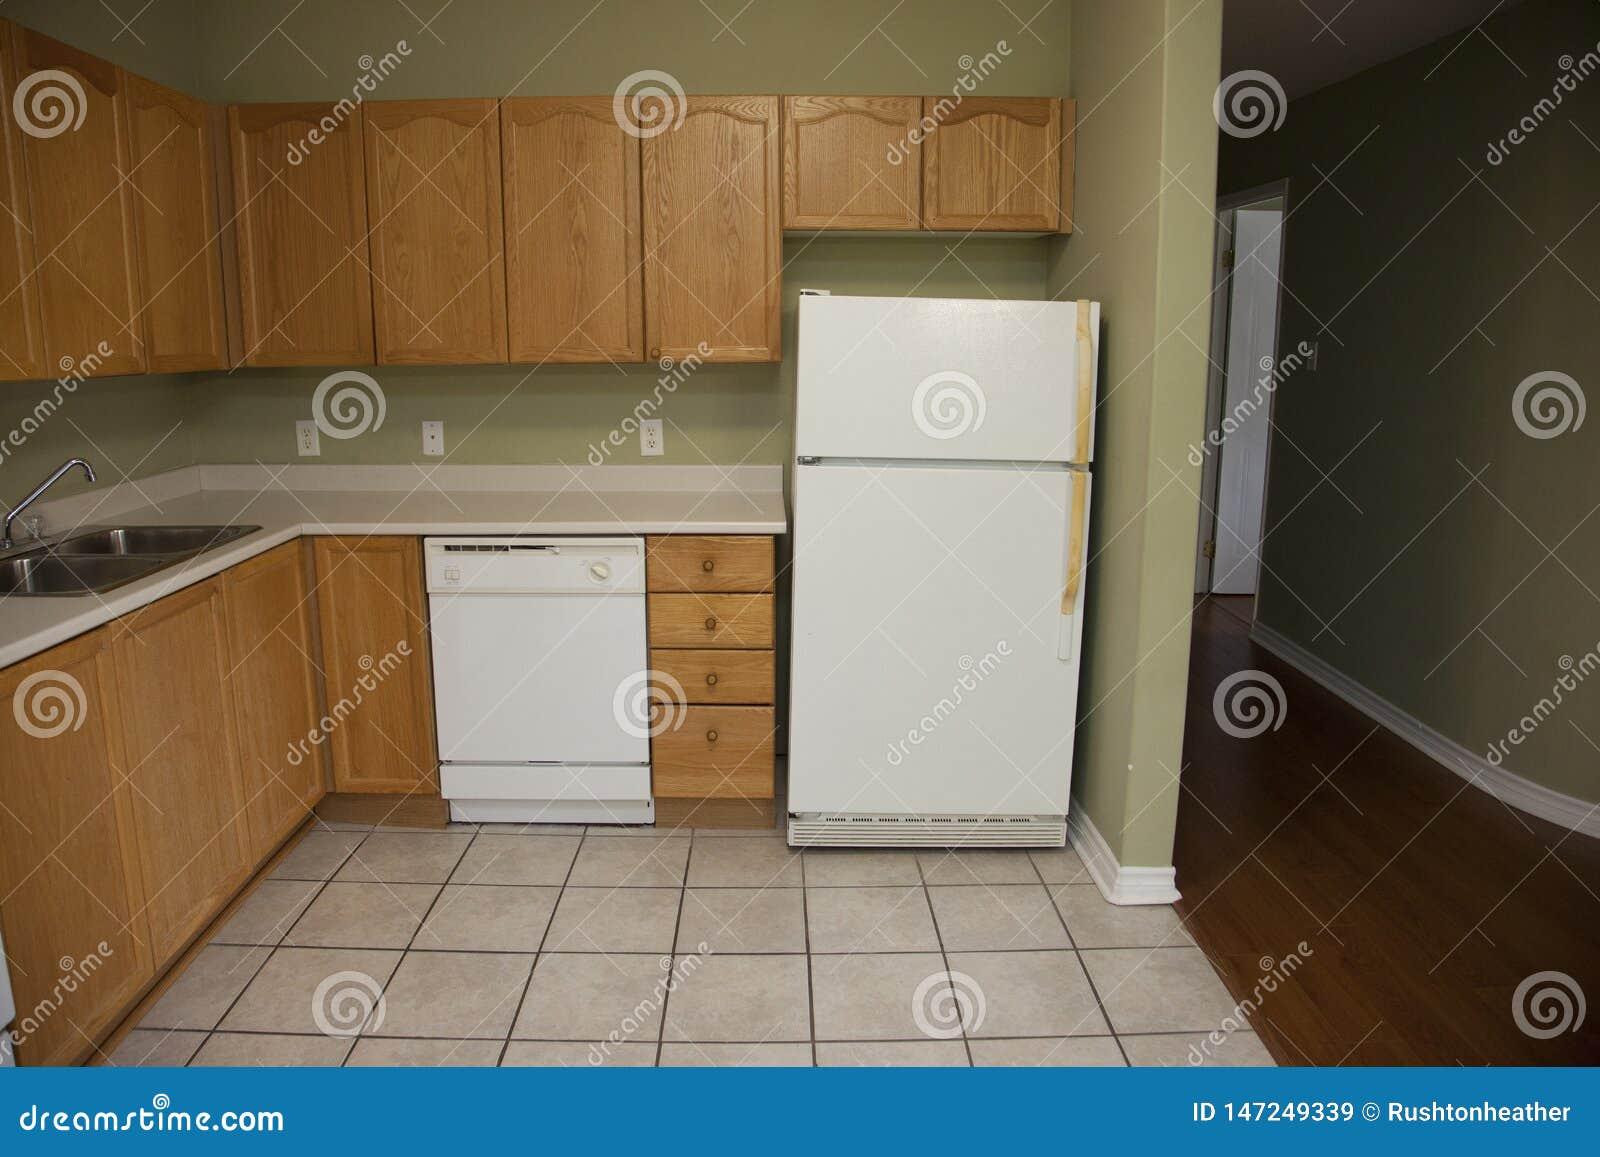 Cuisine Et Couloir D\'appartement Image stock - Image du ...